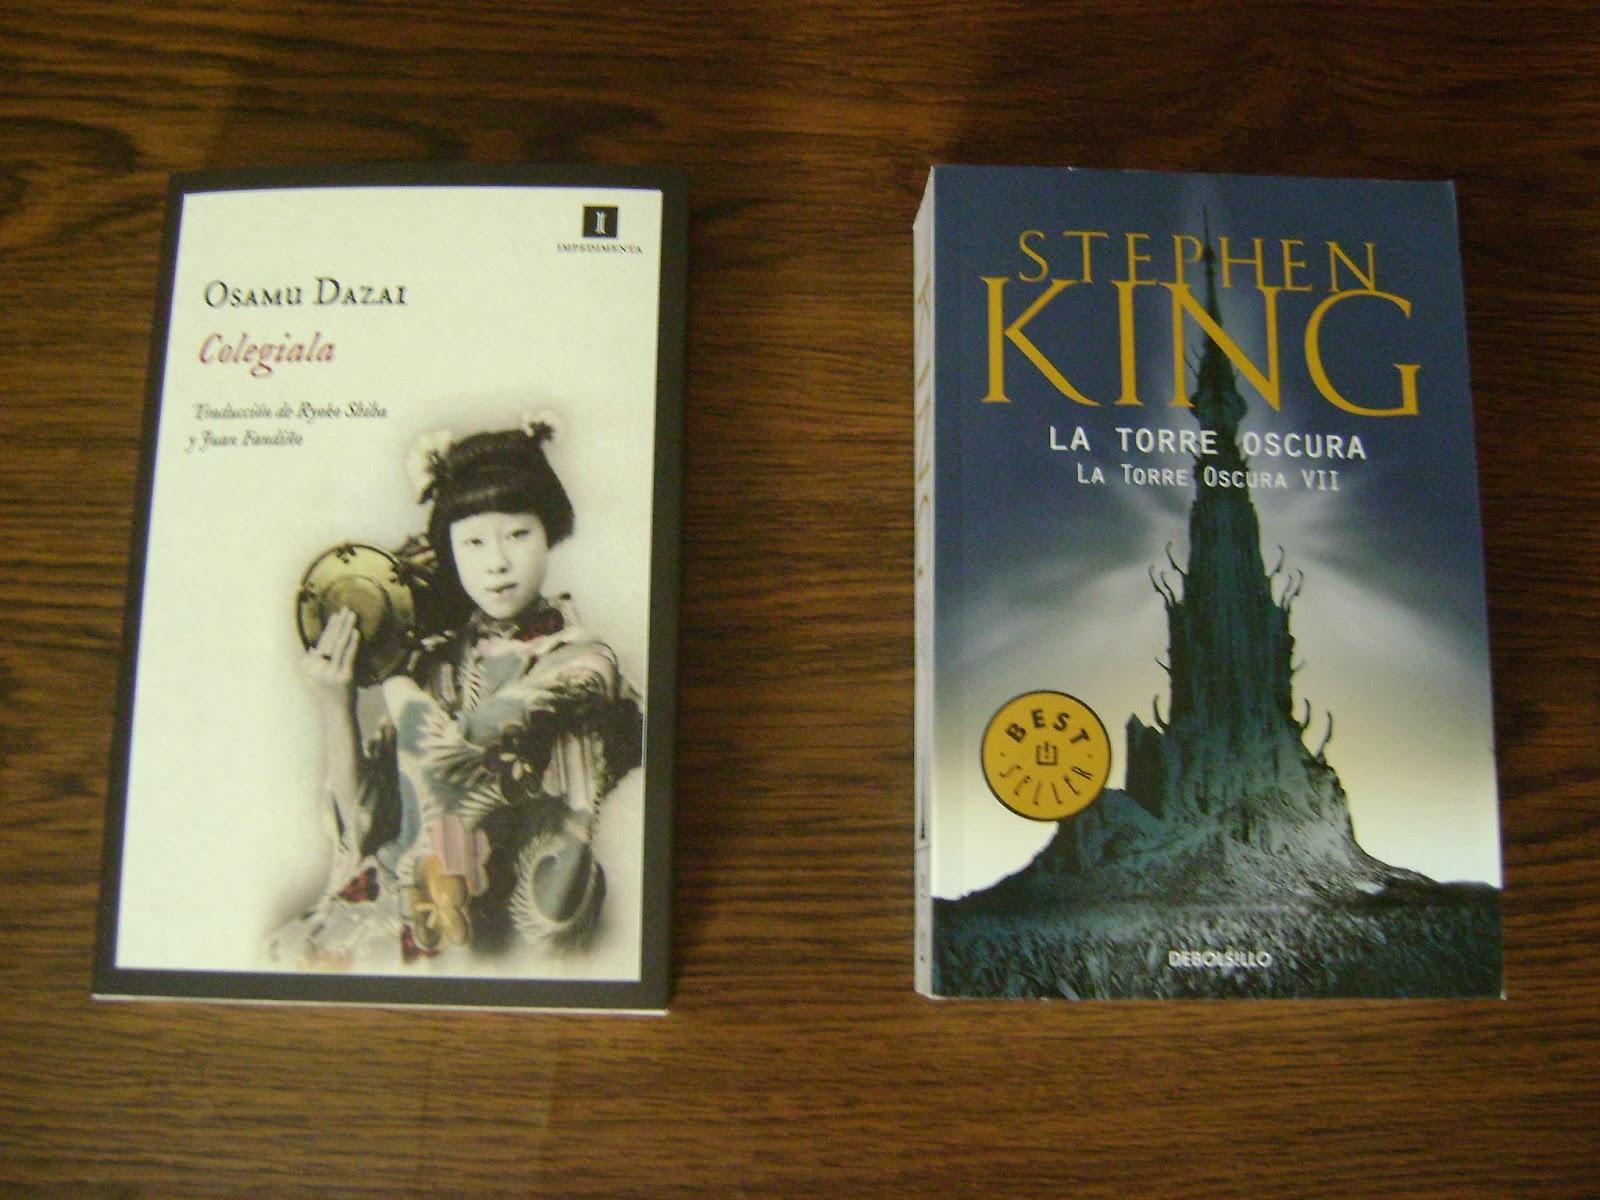 Colegiala, Osamu Dazai: Colección de relatos del escritor japonés